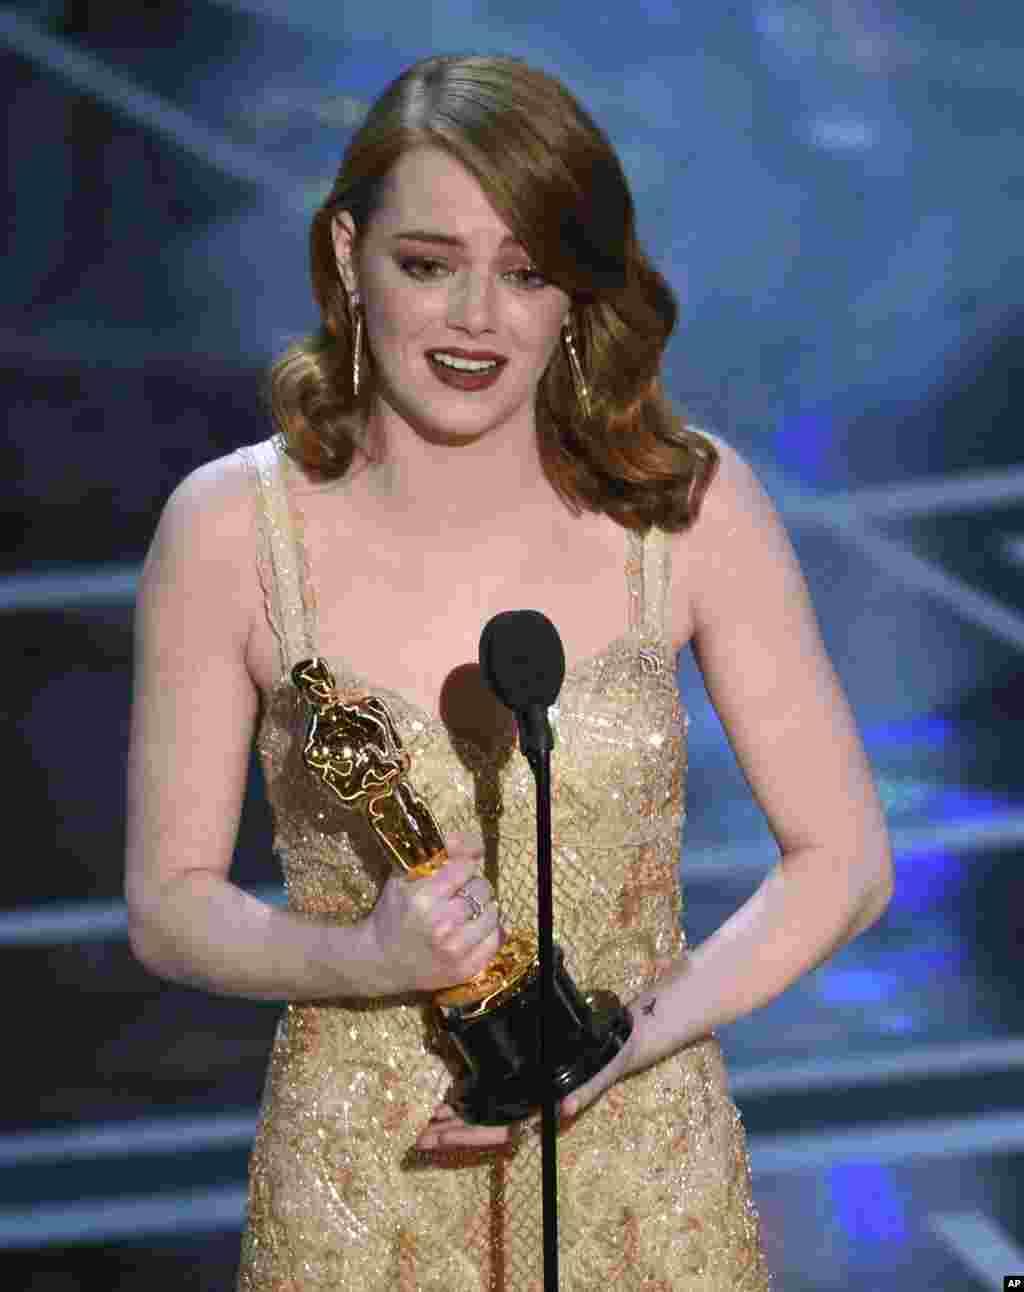 اما استون بازیگر ۲۸ ساله فیلم لالالند اسکار بهترین بازیگر زن امسال را به خانه برد.